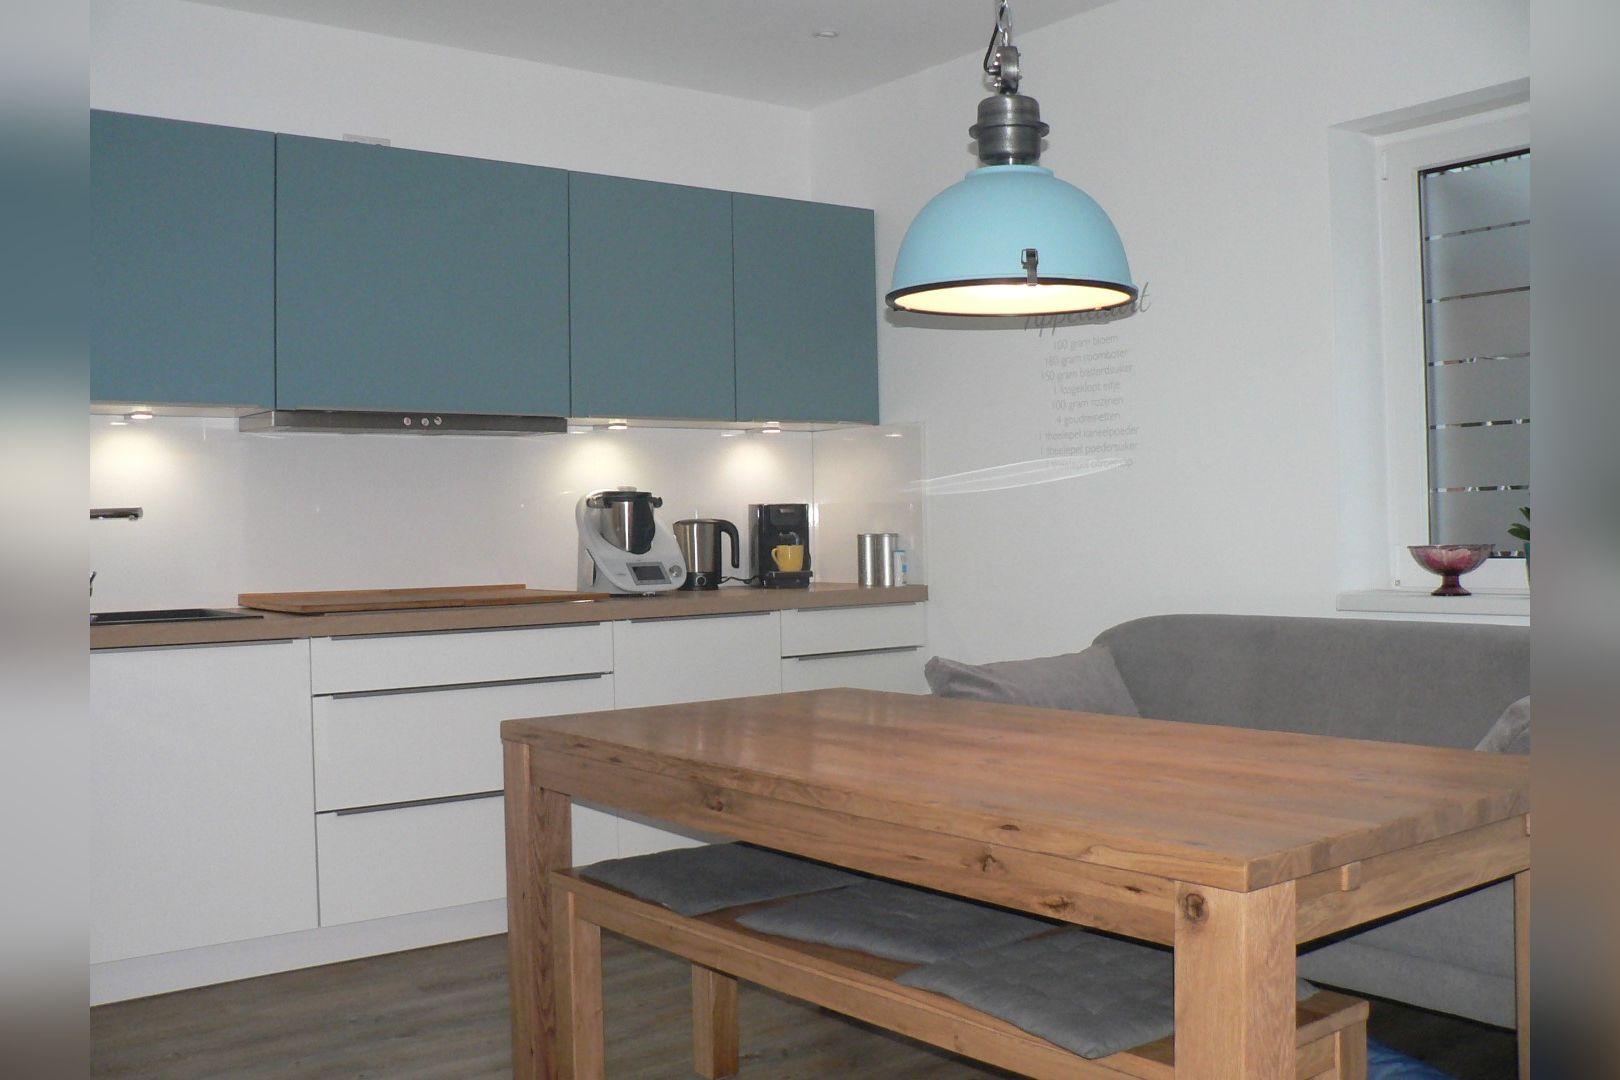 Immobilie Nr.0248 - Doppelhaushälfte mit eingeschossigem Anbau, Garten & Dachterrasse - Bild 7.jpg